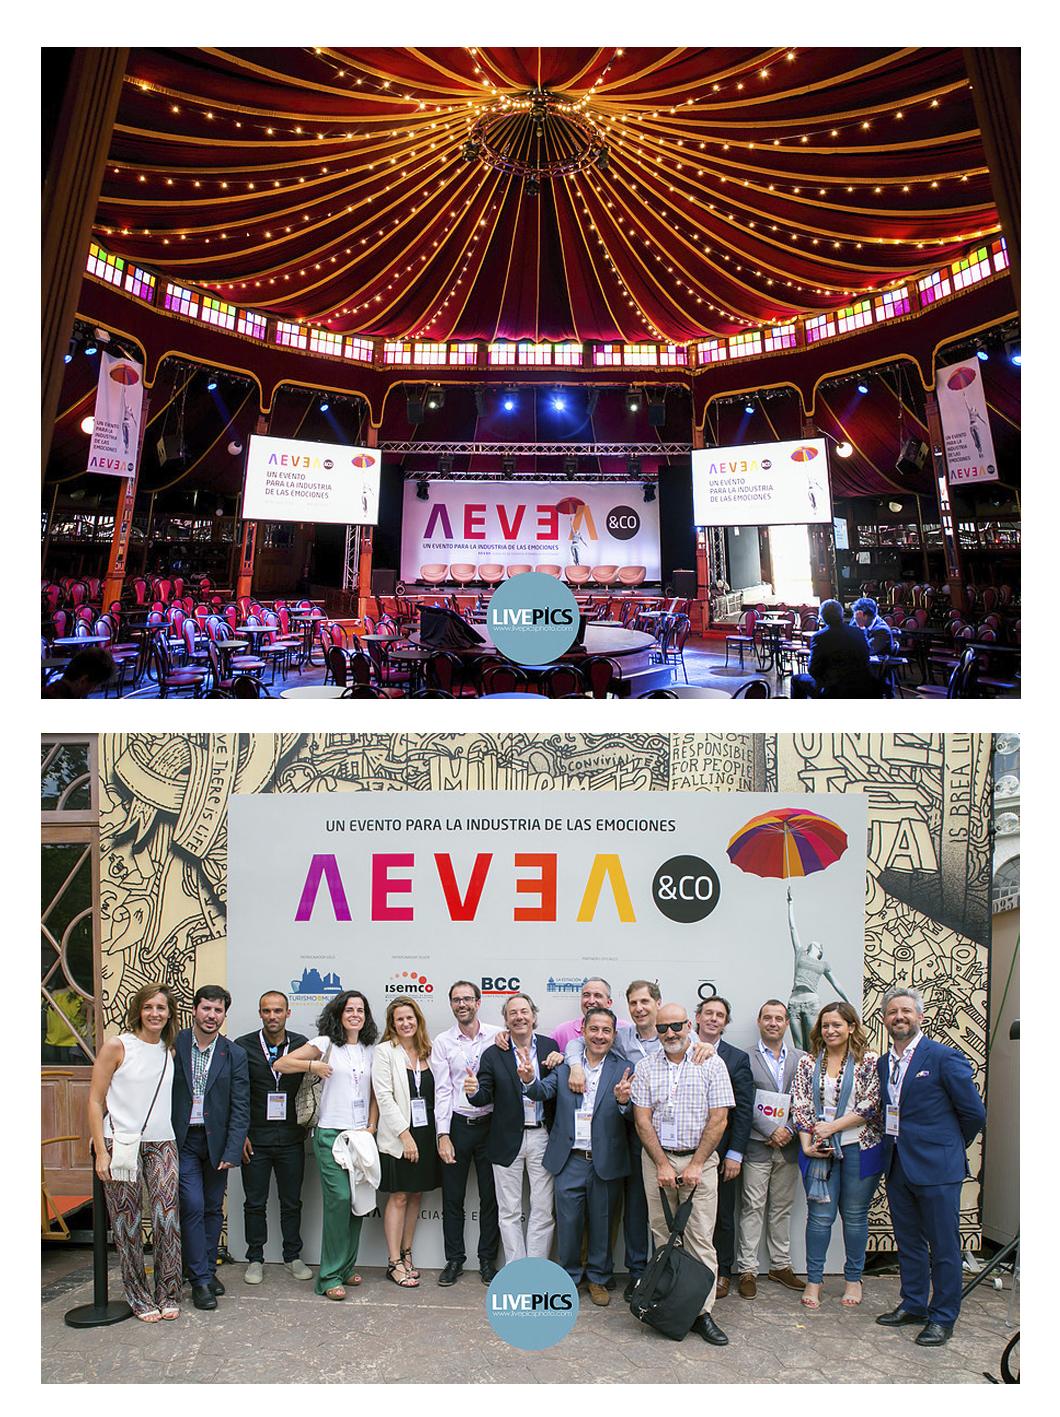 3-events AEVEA&CO 2016